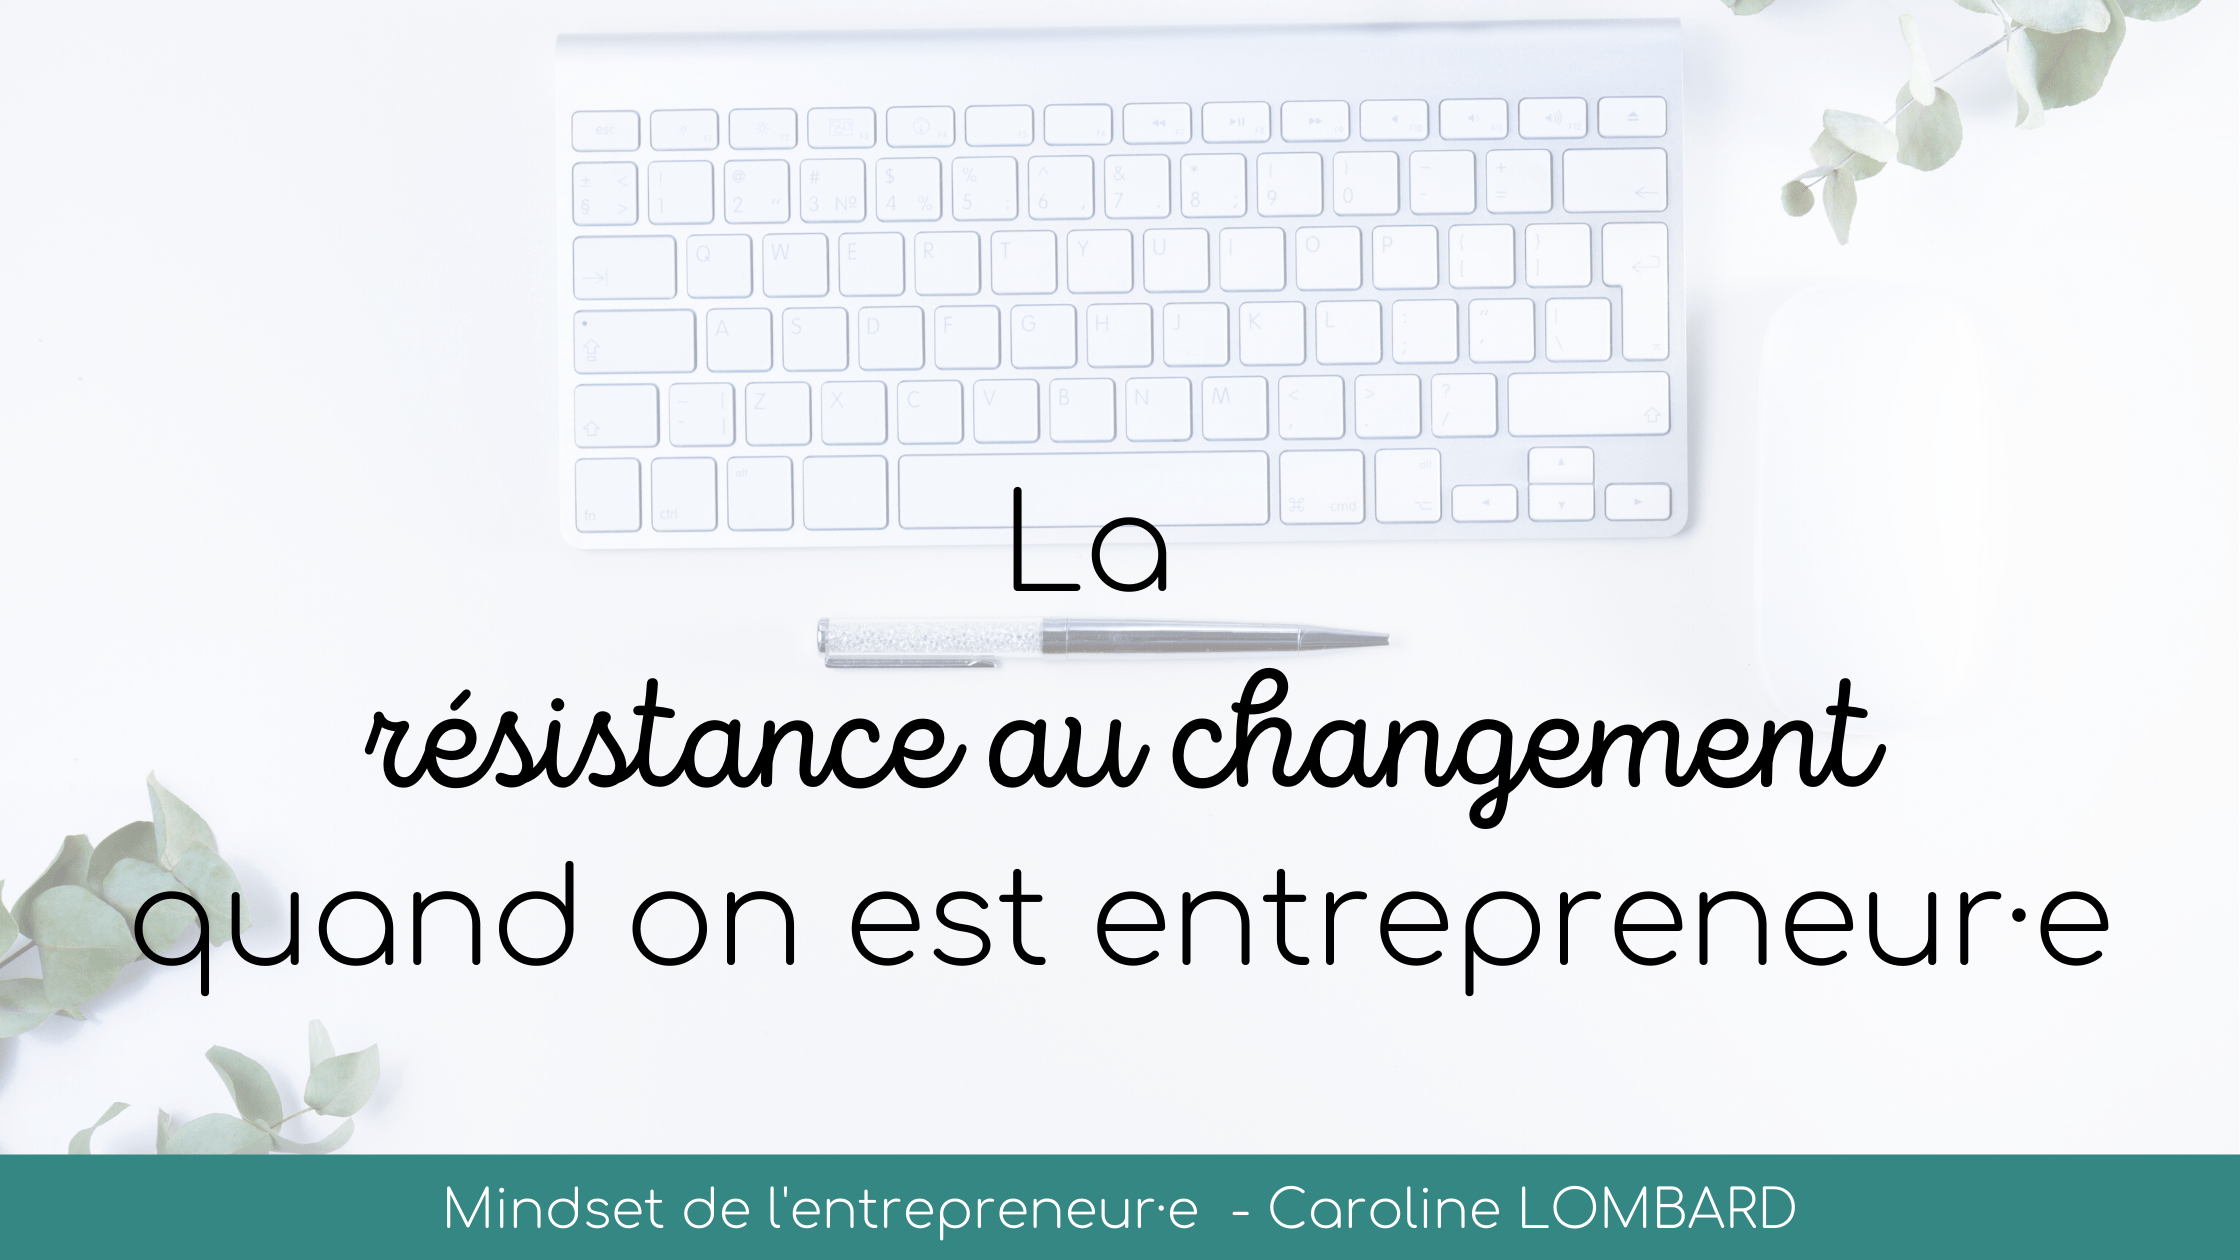 resistance-au-changement-entrepreneur